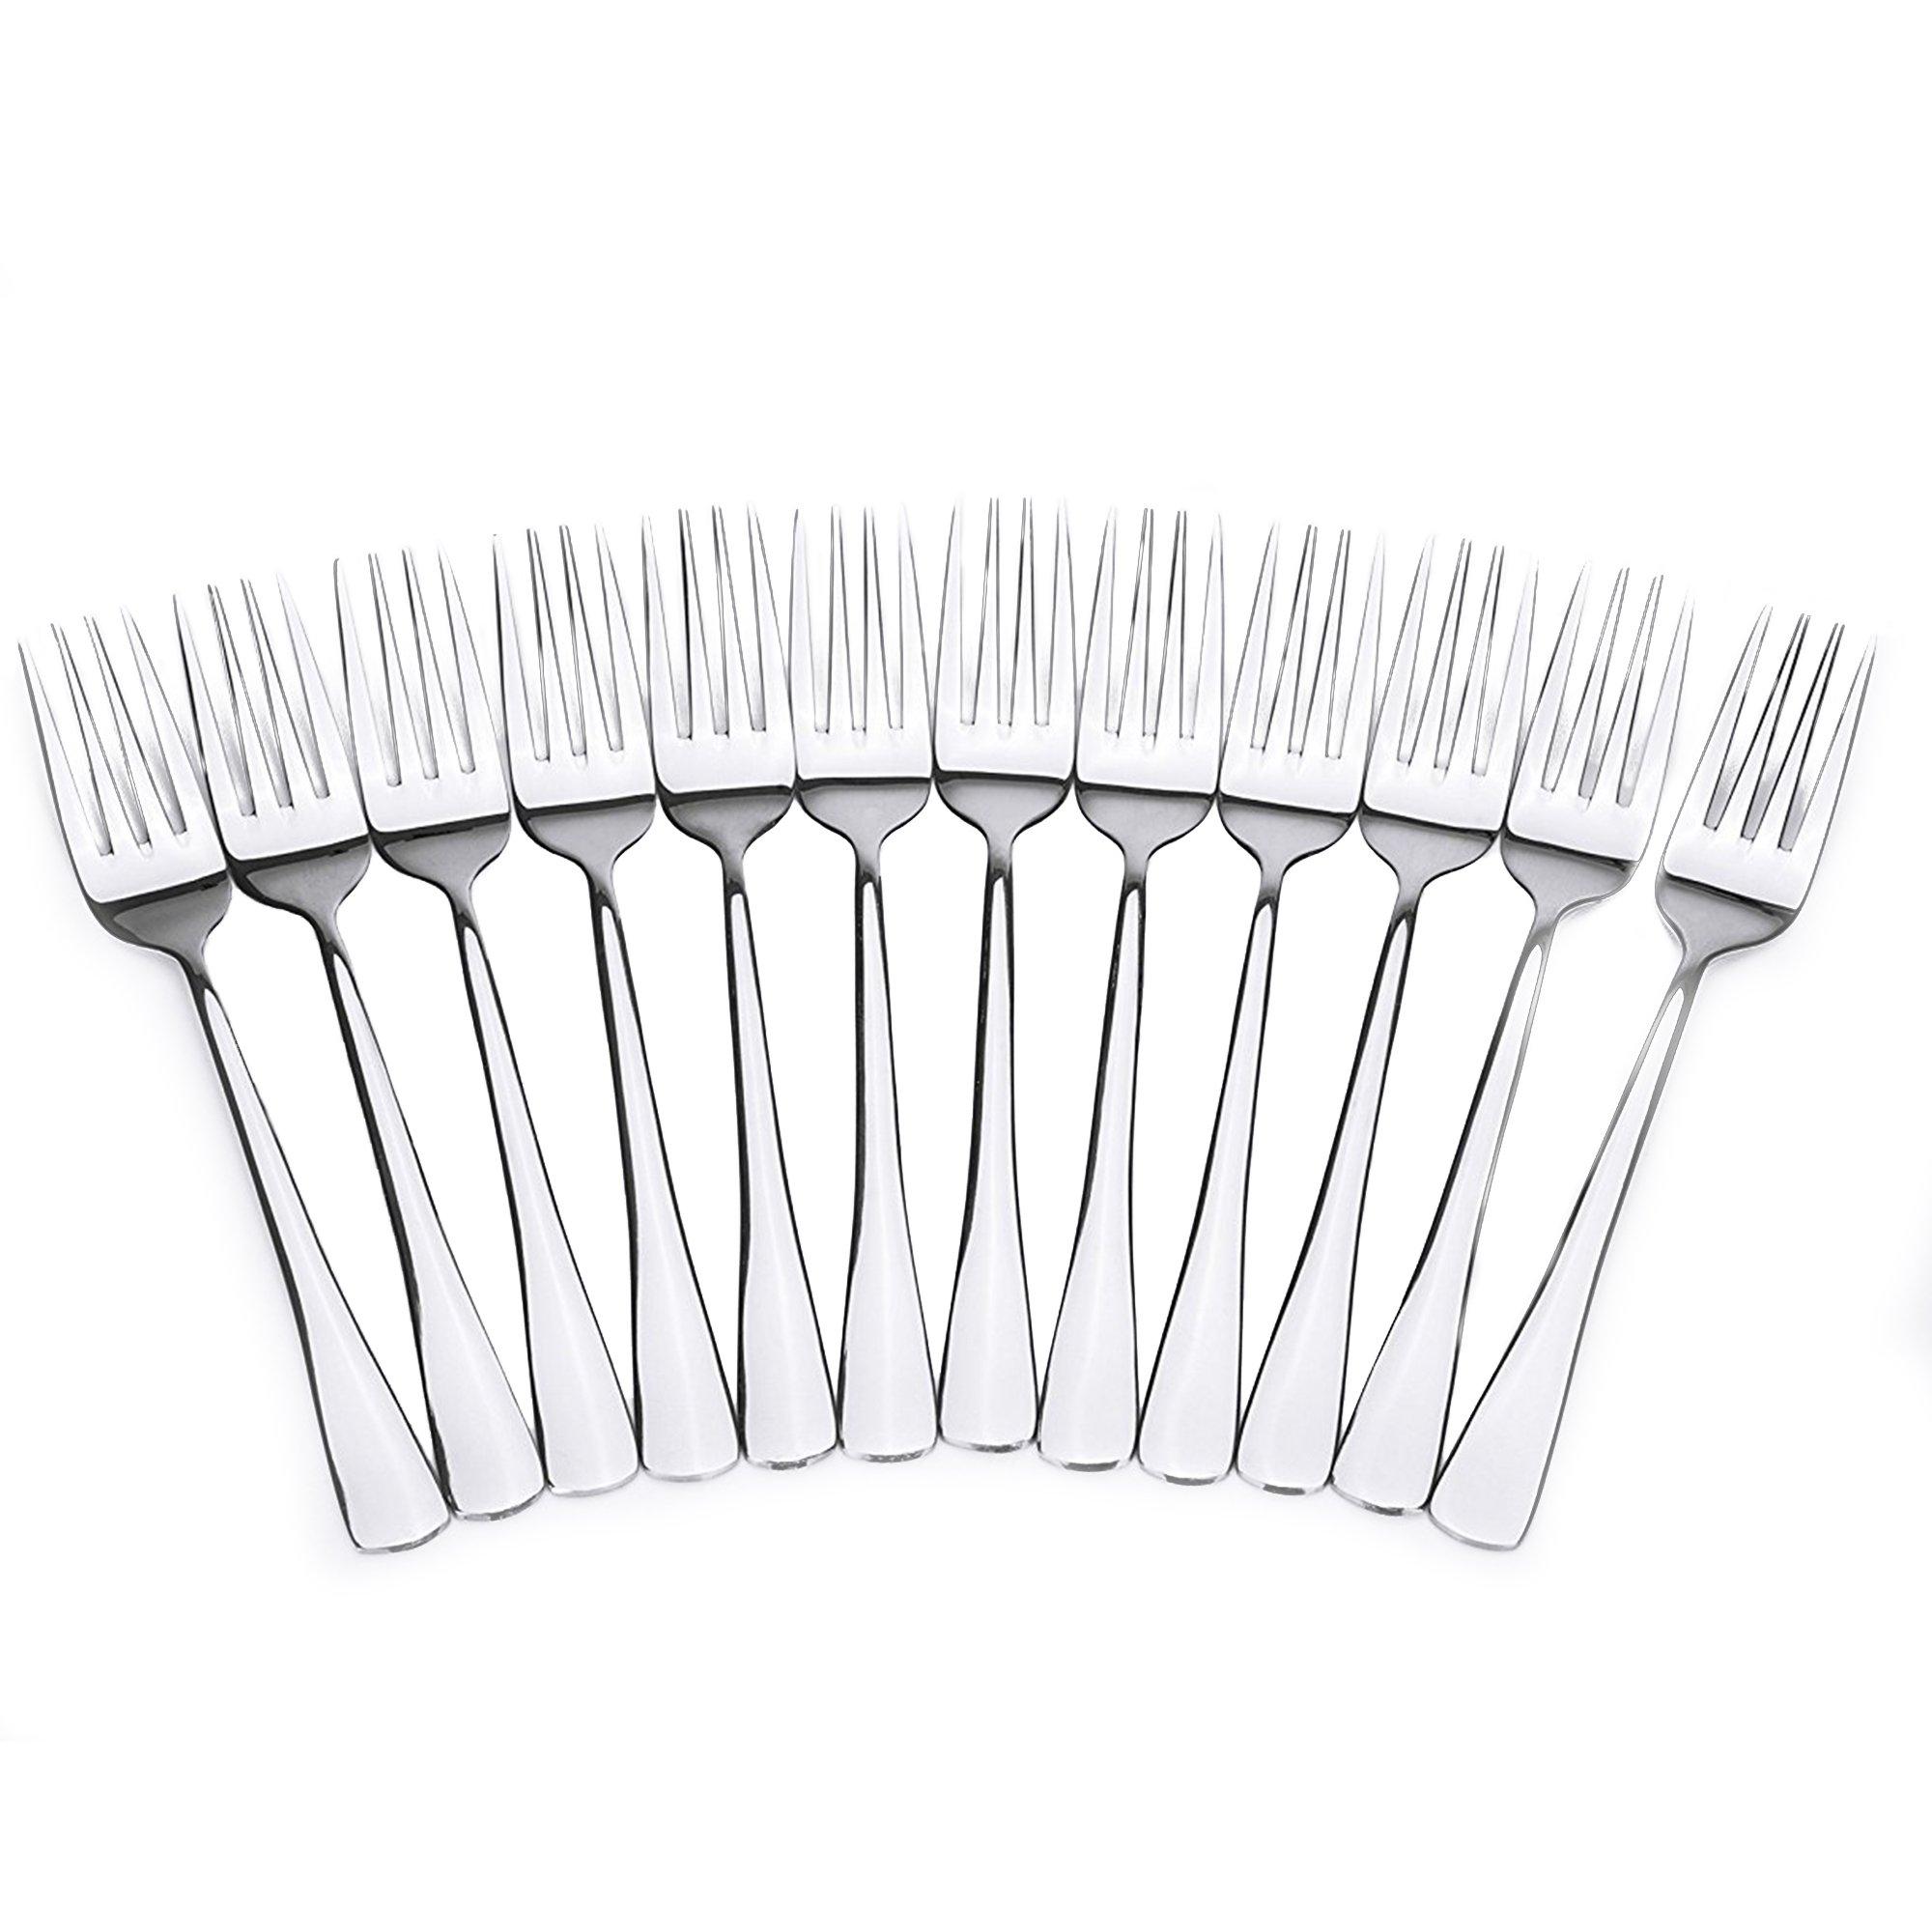 Royal 12-Piece Table Forks Set - 18/10 Stainless Steel Dinner Forks, Mirror Polished Flatware Utensils - Great Salad Forks, Use for Home, Kitchen, or Restaurant